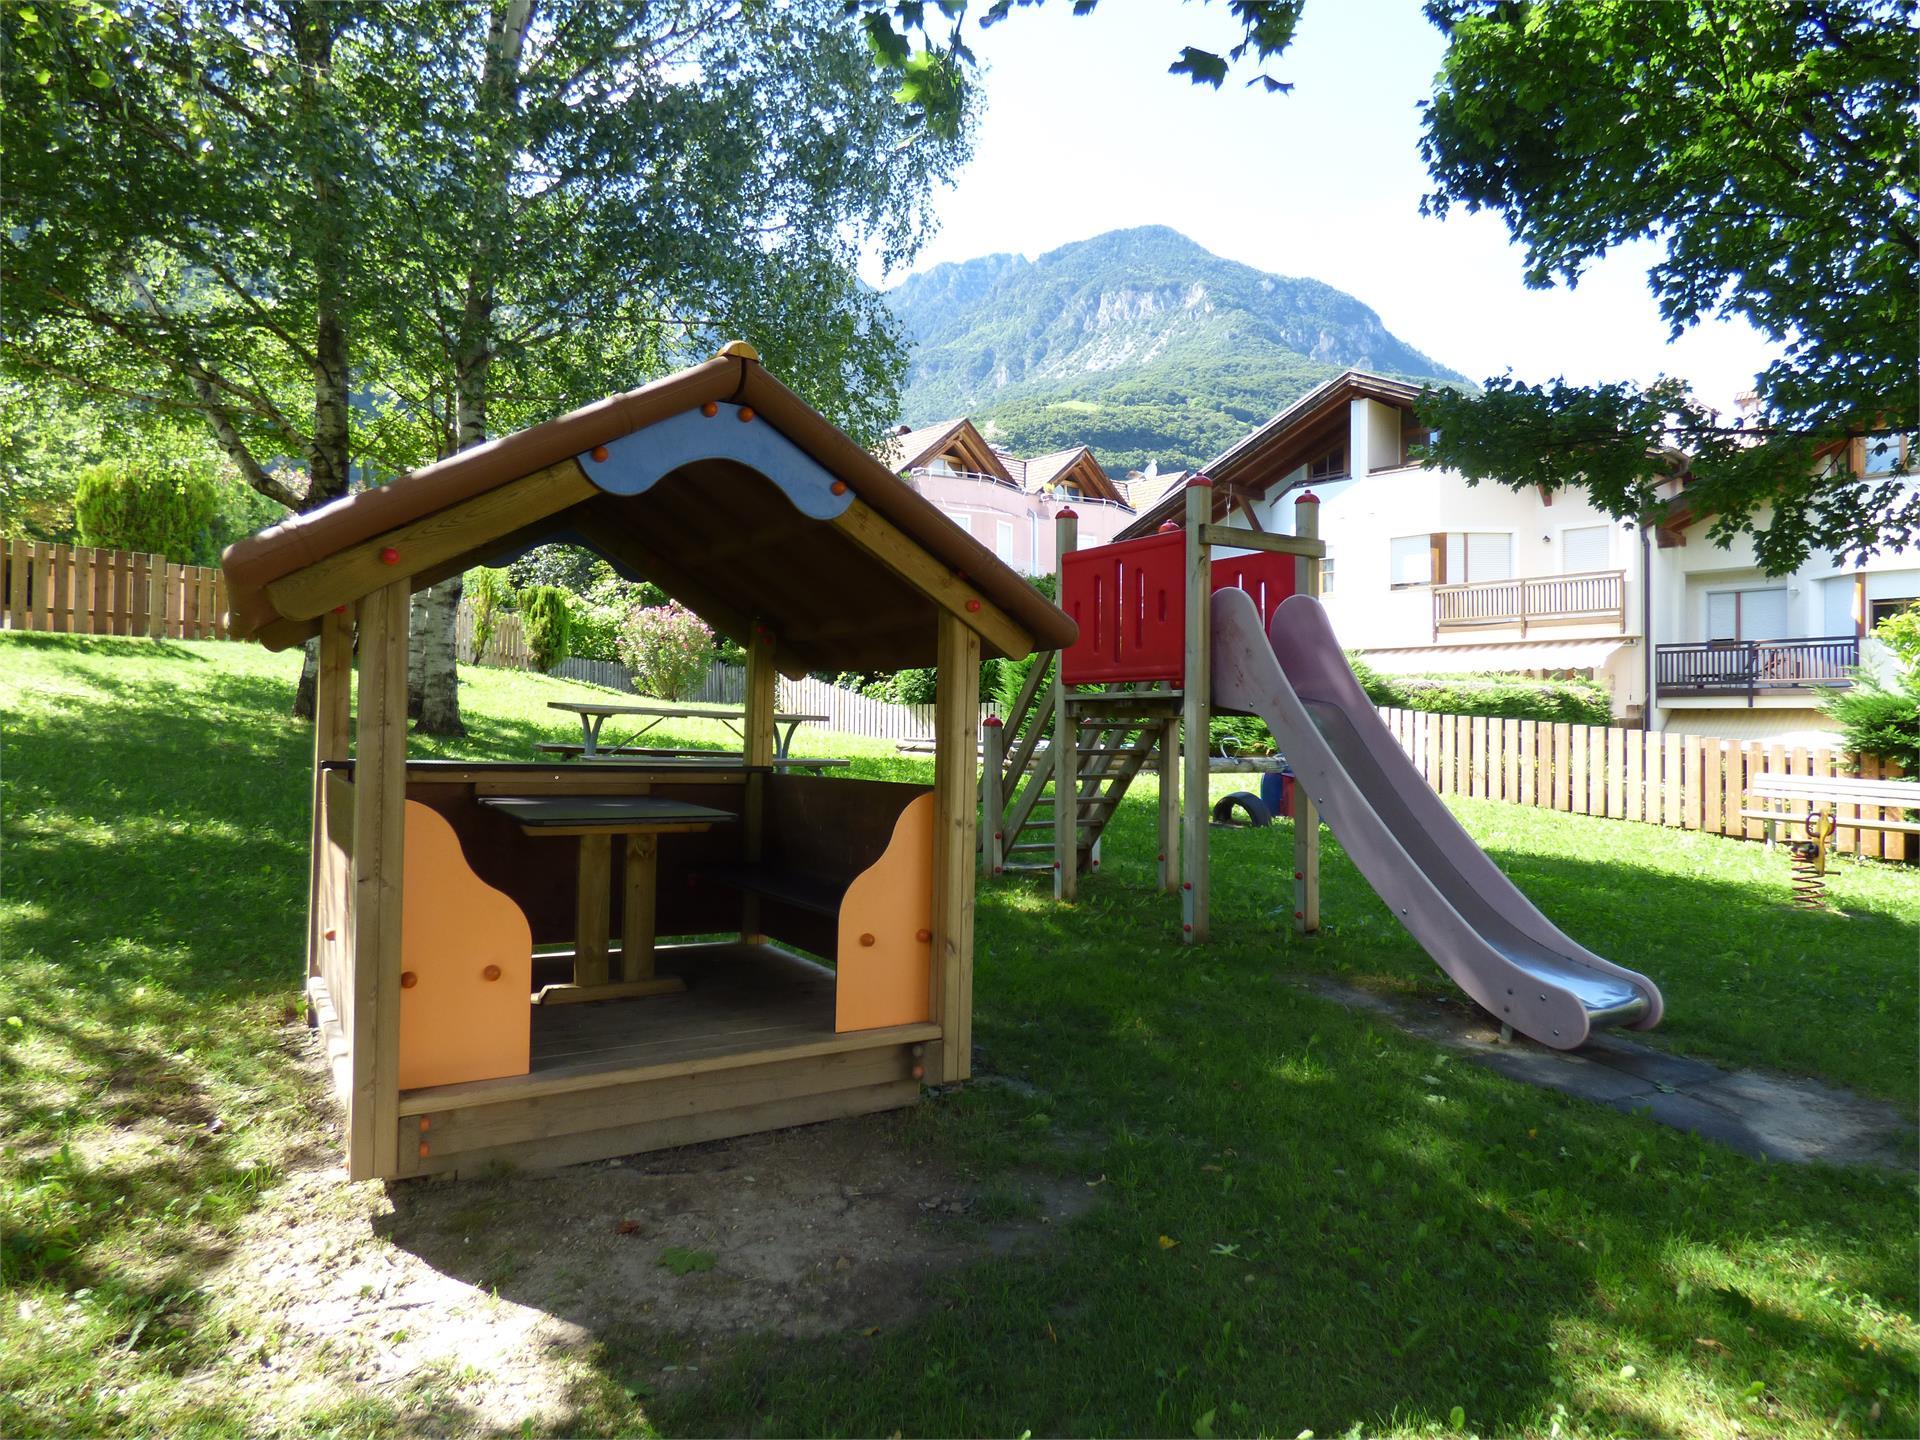 Parco giochi per bambini vicino al Ristorante Schießstand